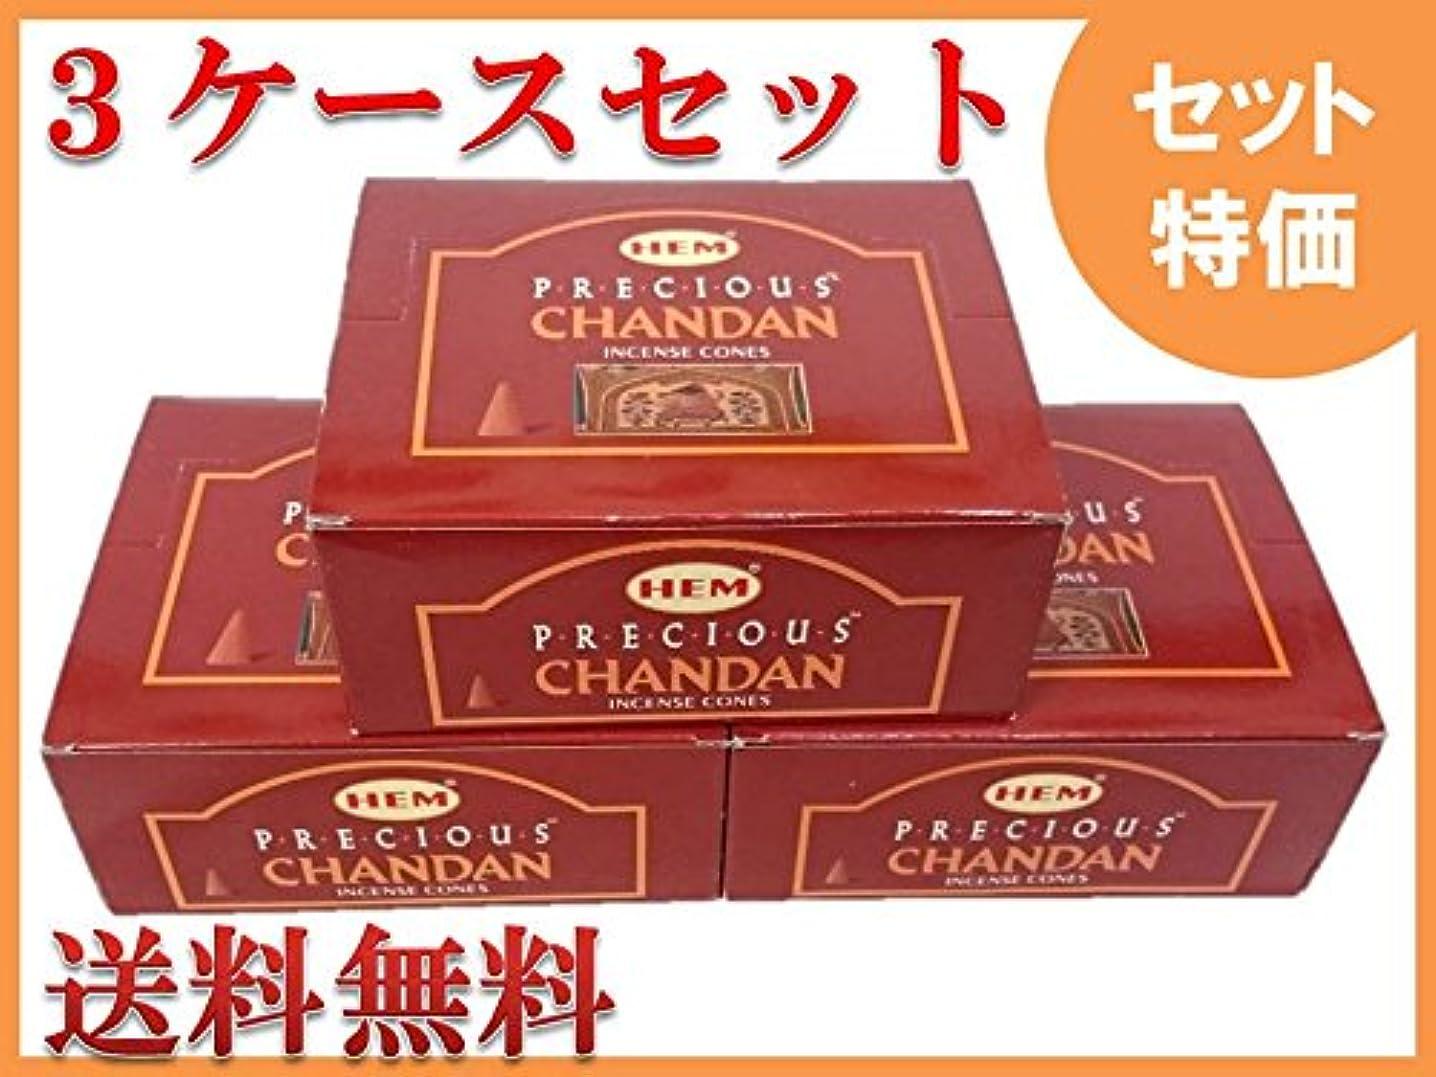 検証結び目高価なHEM お香コーン/(12箱入り) 3ケース(36箱)セット HEMチャンダン